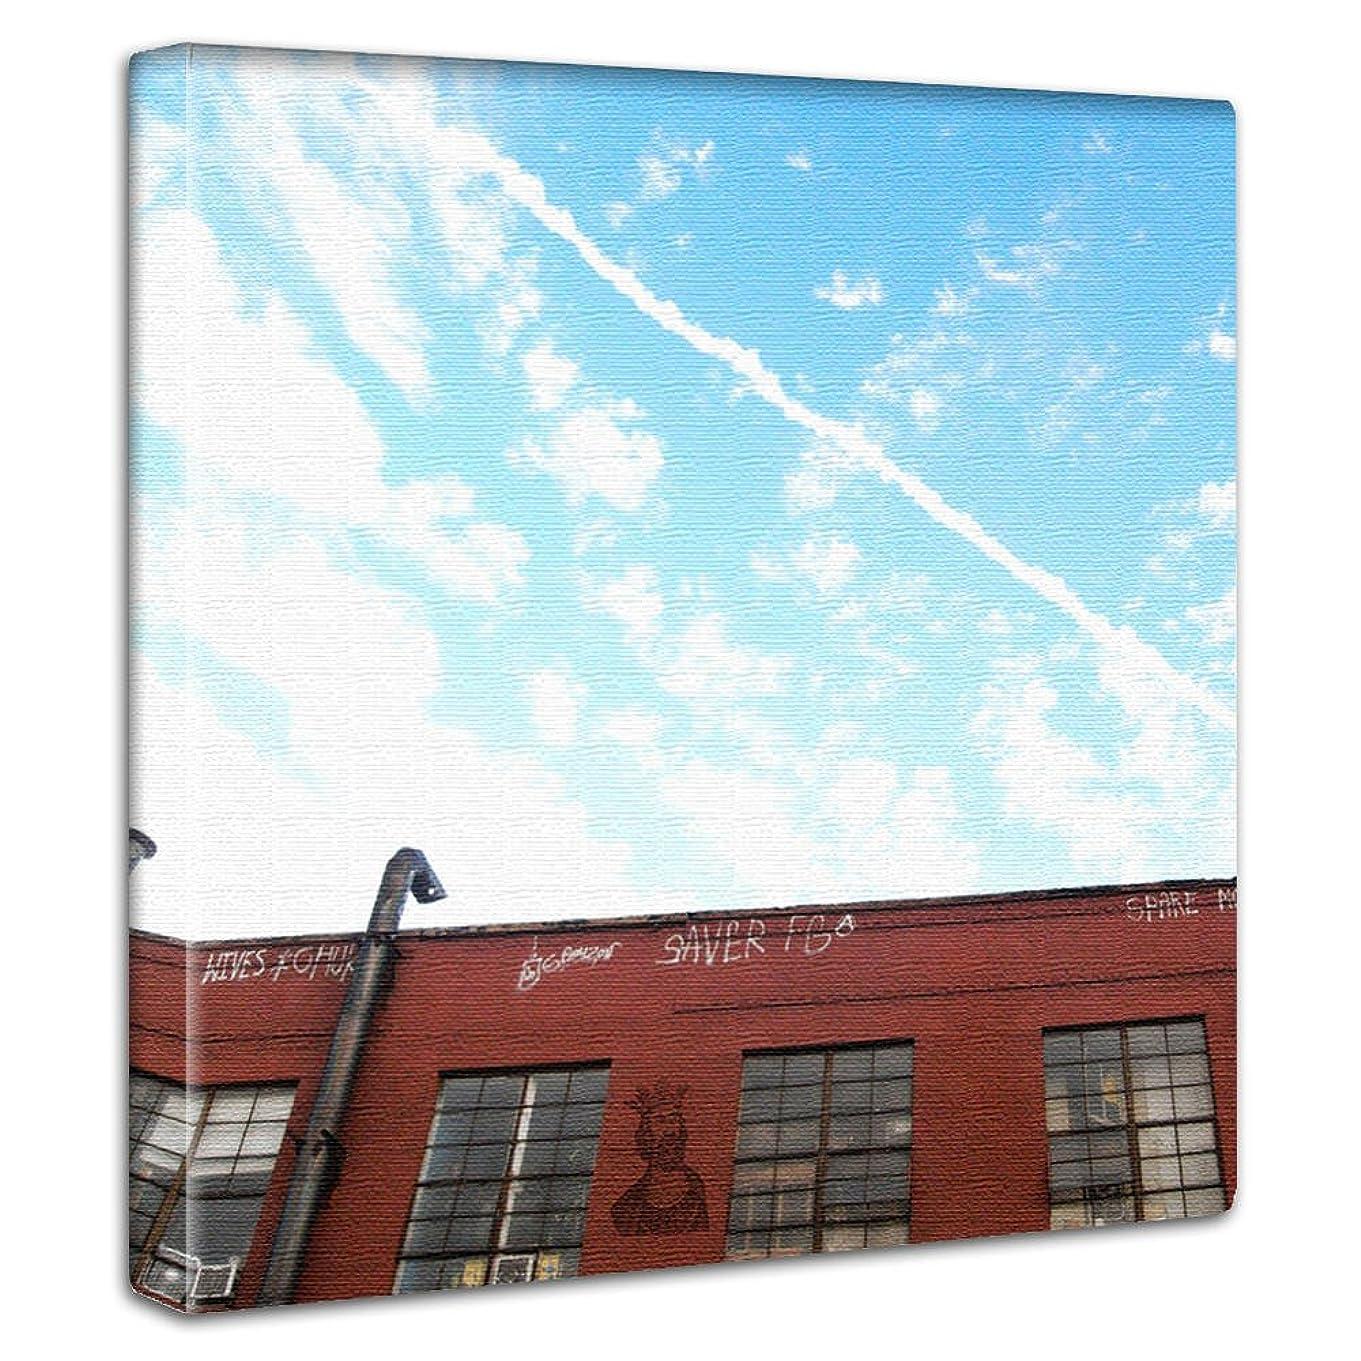 バンジョー軽量力アートデリ ポスター パネル 青空 30cm × 30cm edih 日本製 軽量 ファブリック edi-0018